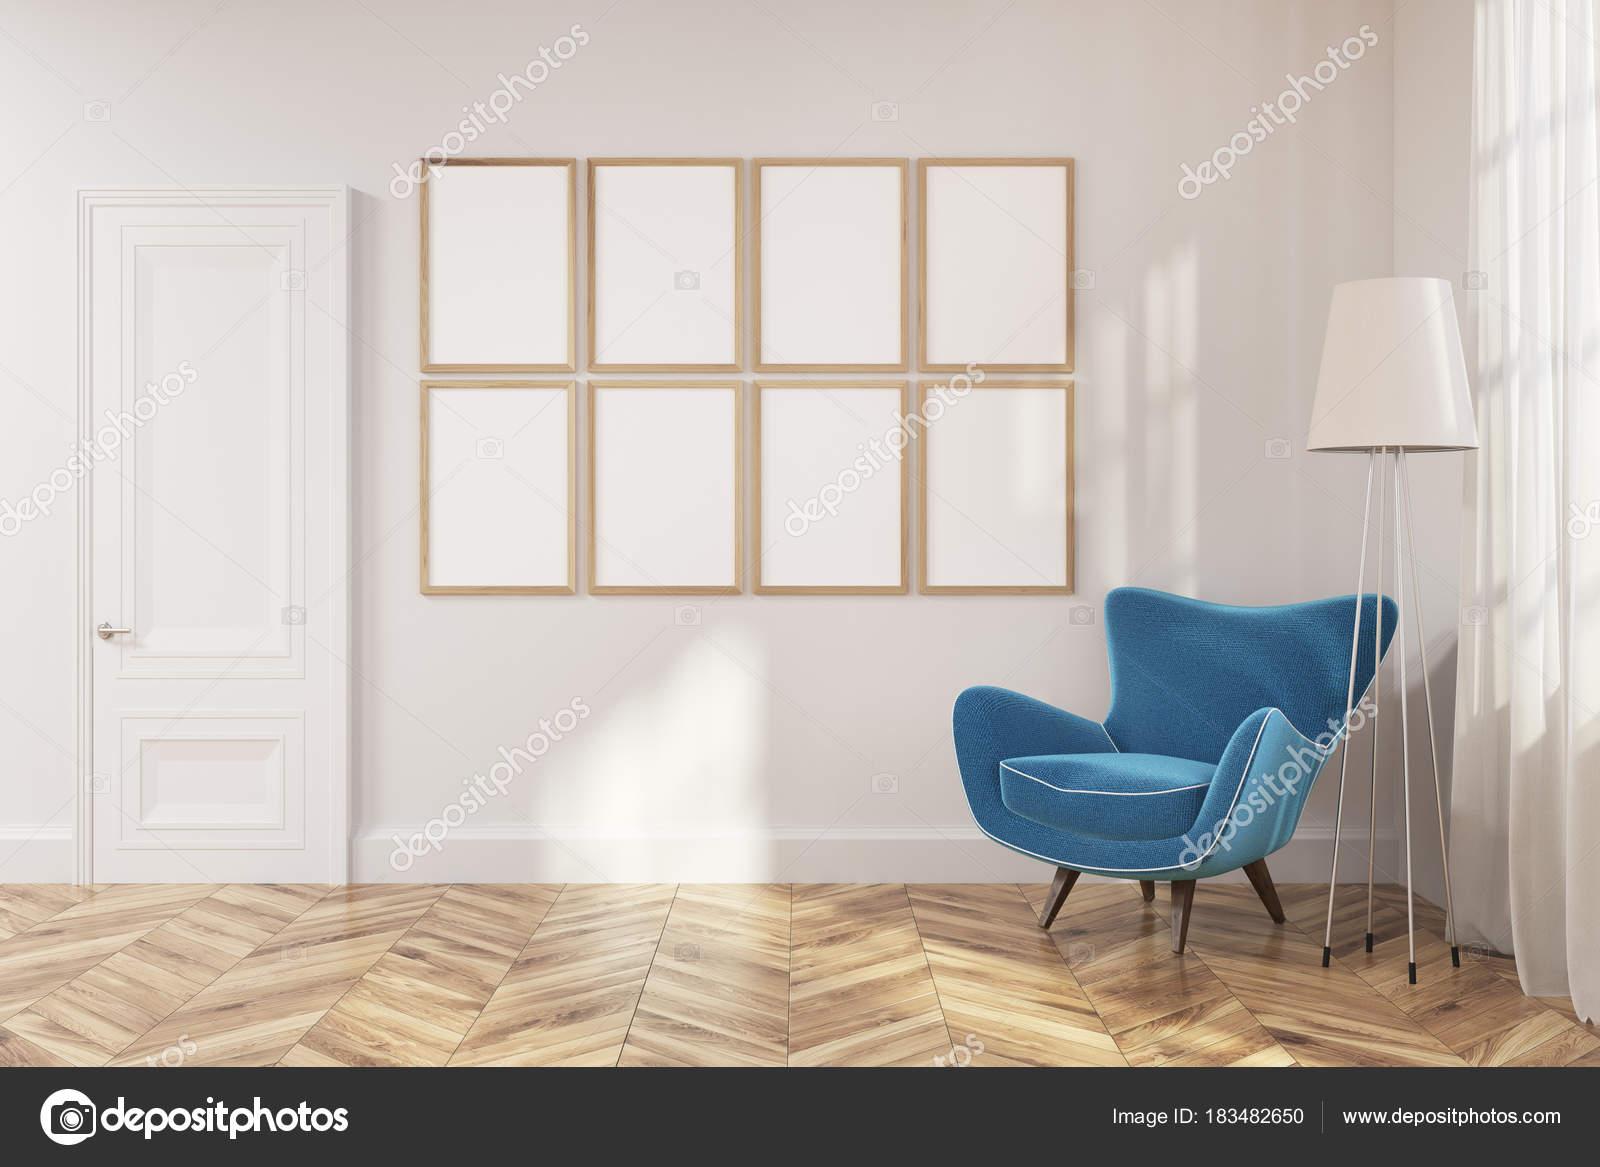 Wohnzimmer Galerie, Blaue Sessel U2014 Stockfoto